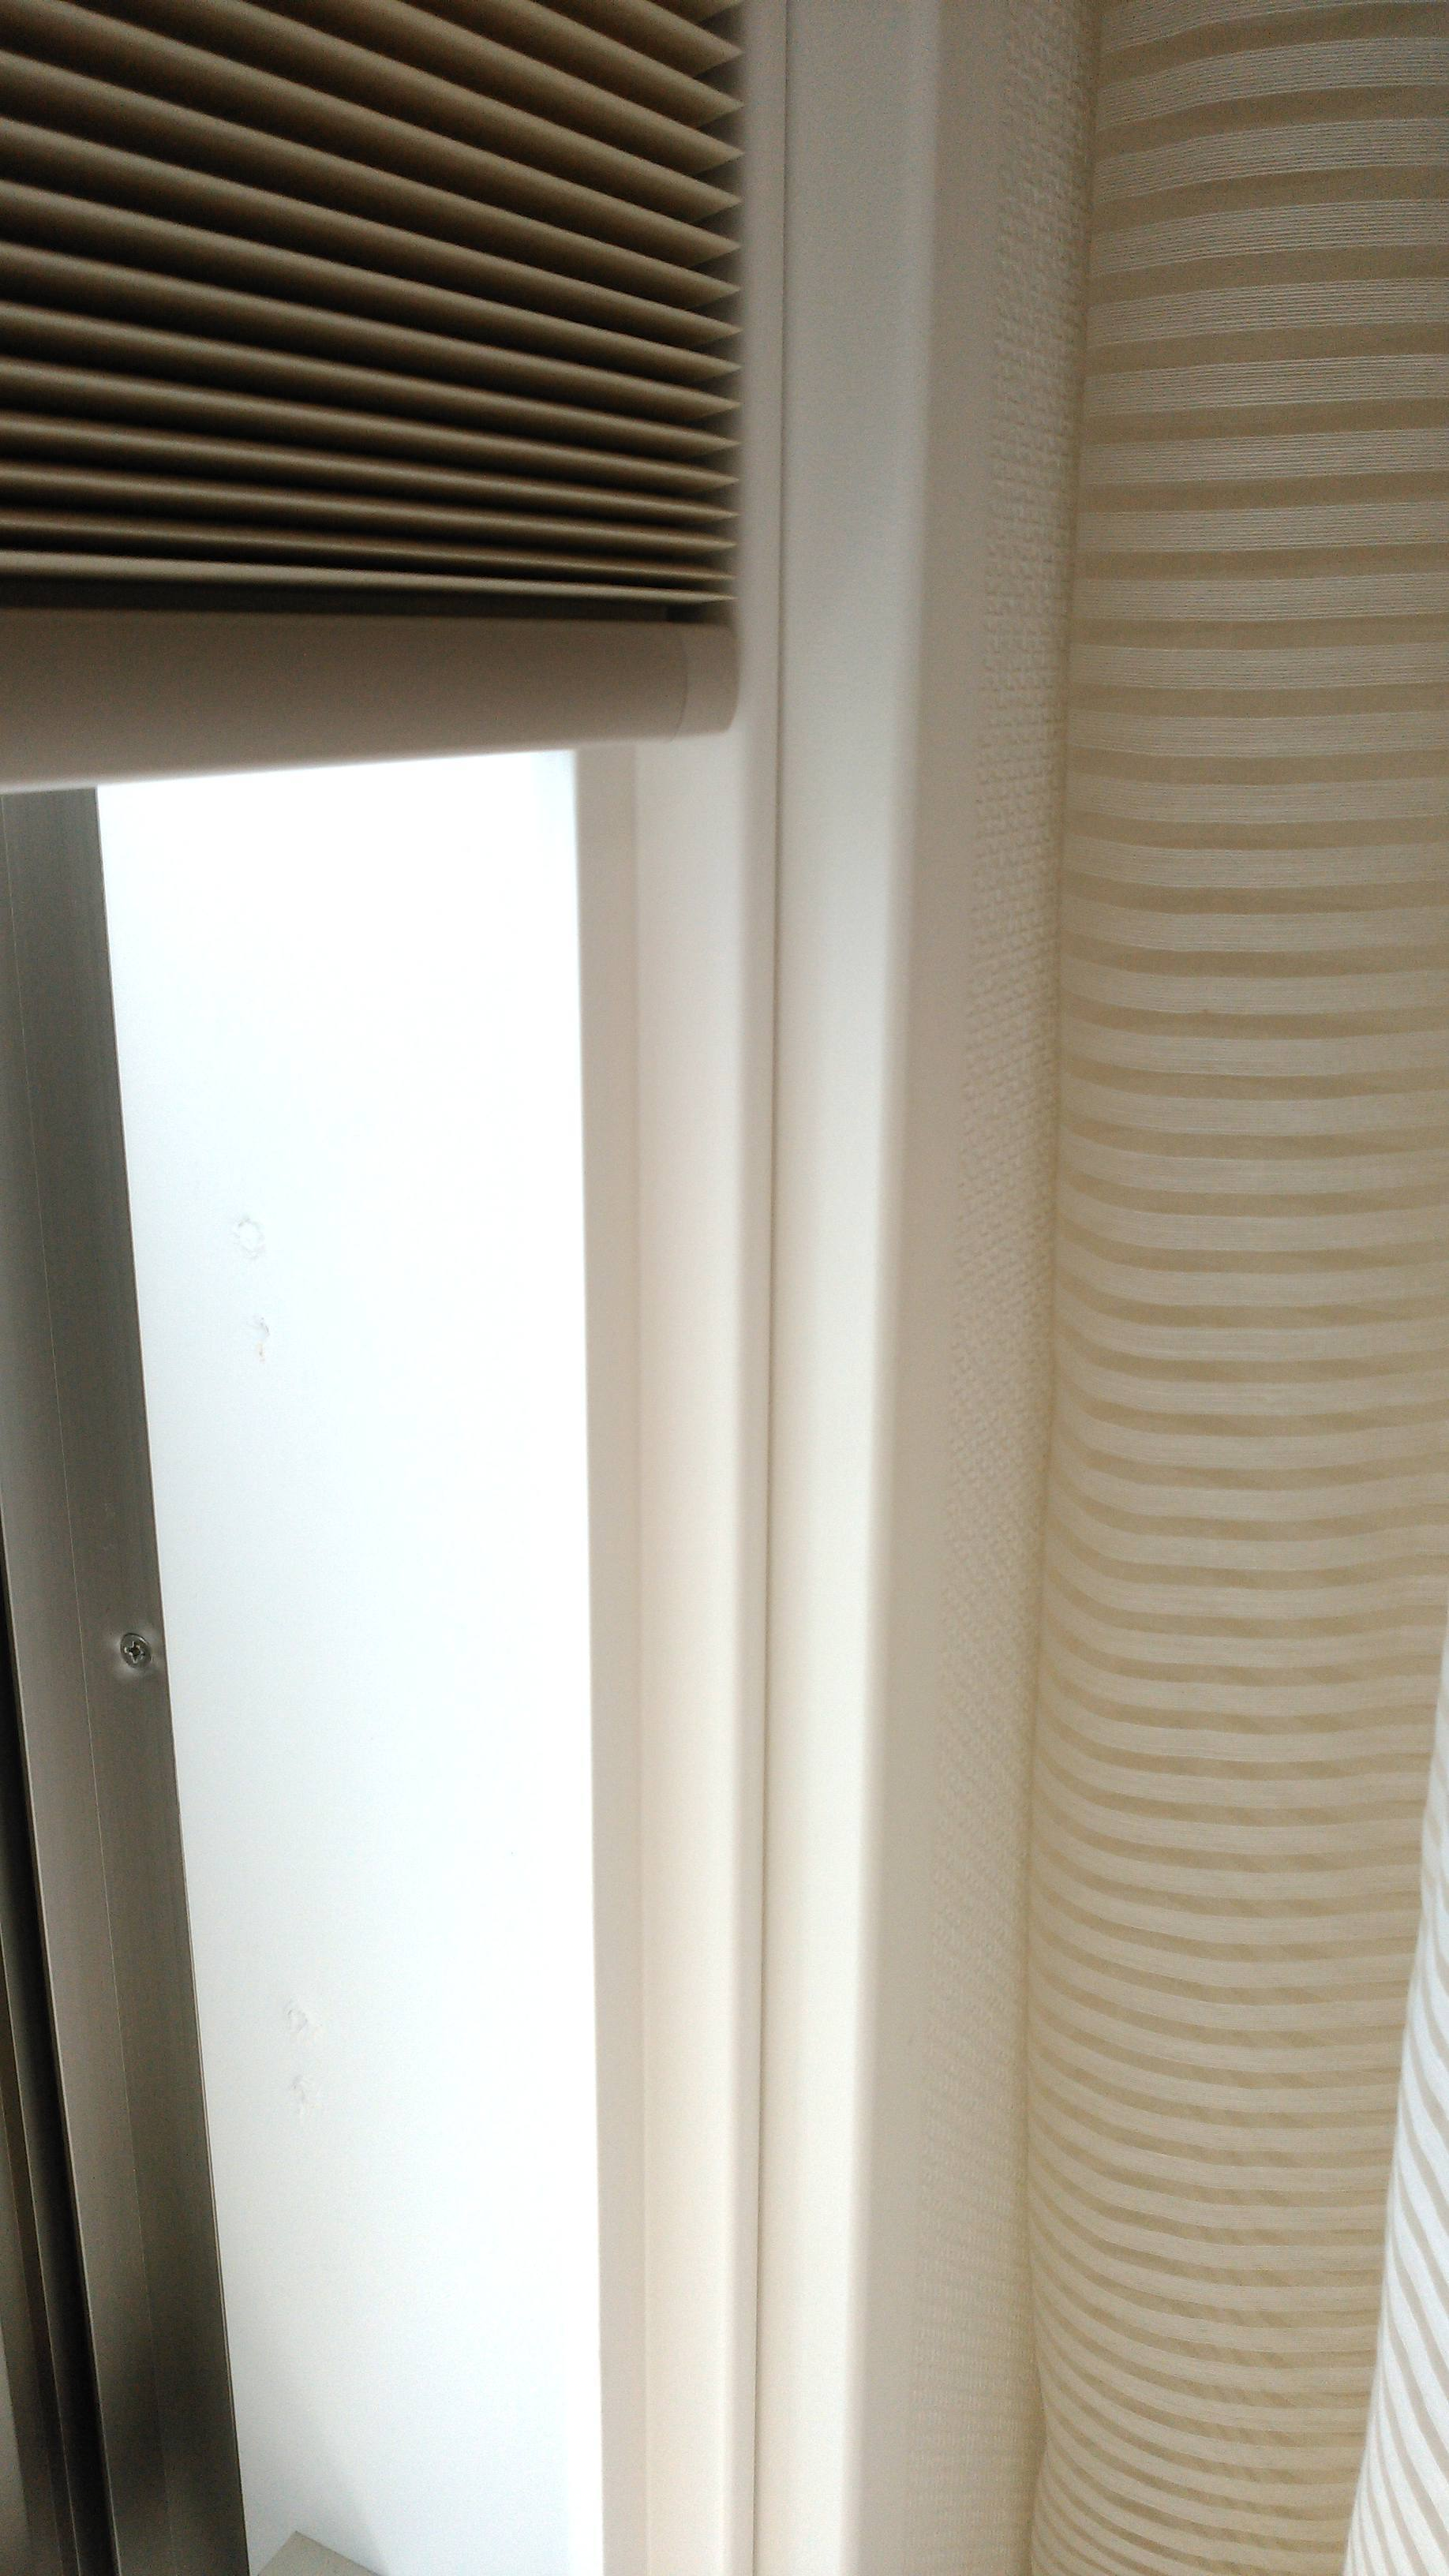 セイキ『ハニカムサーモスクリーン』 モリス正規販売店のブライト_c0157866_19265594.jpg